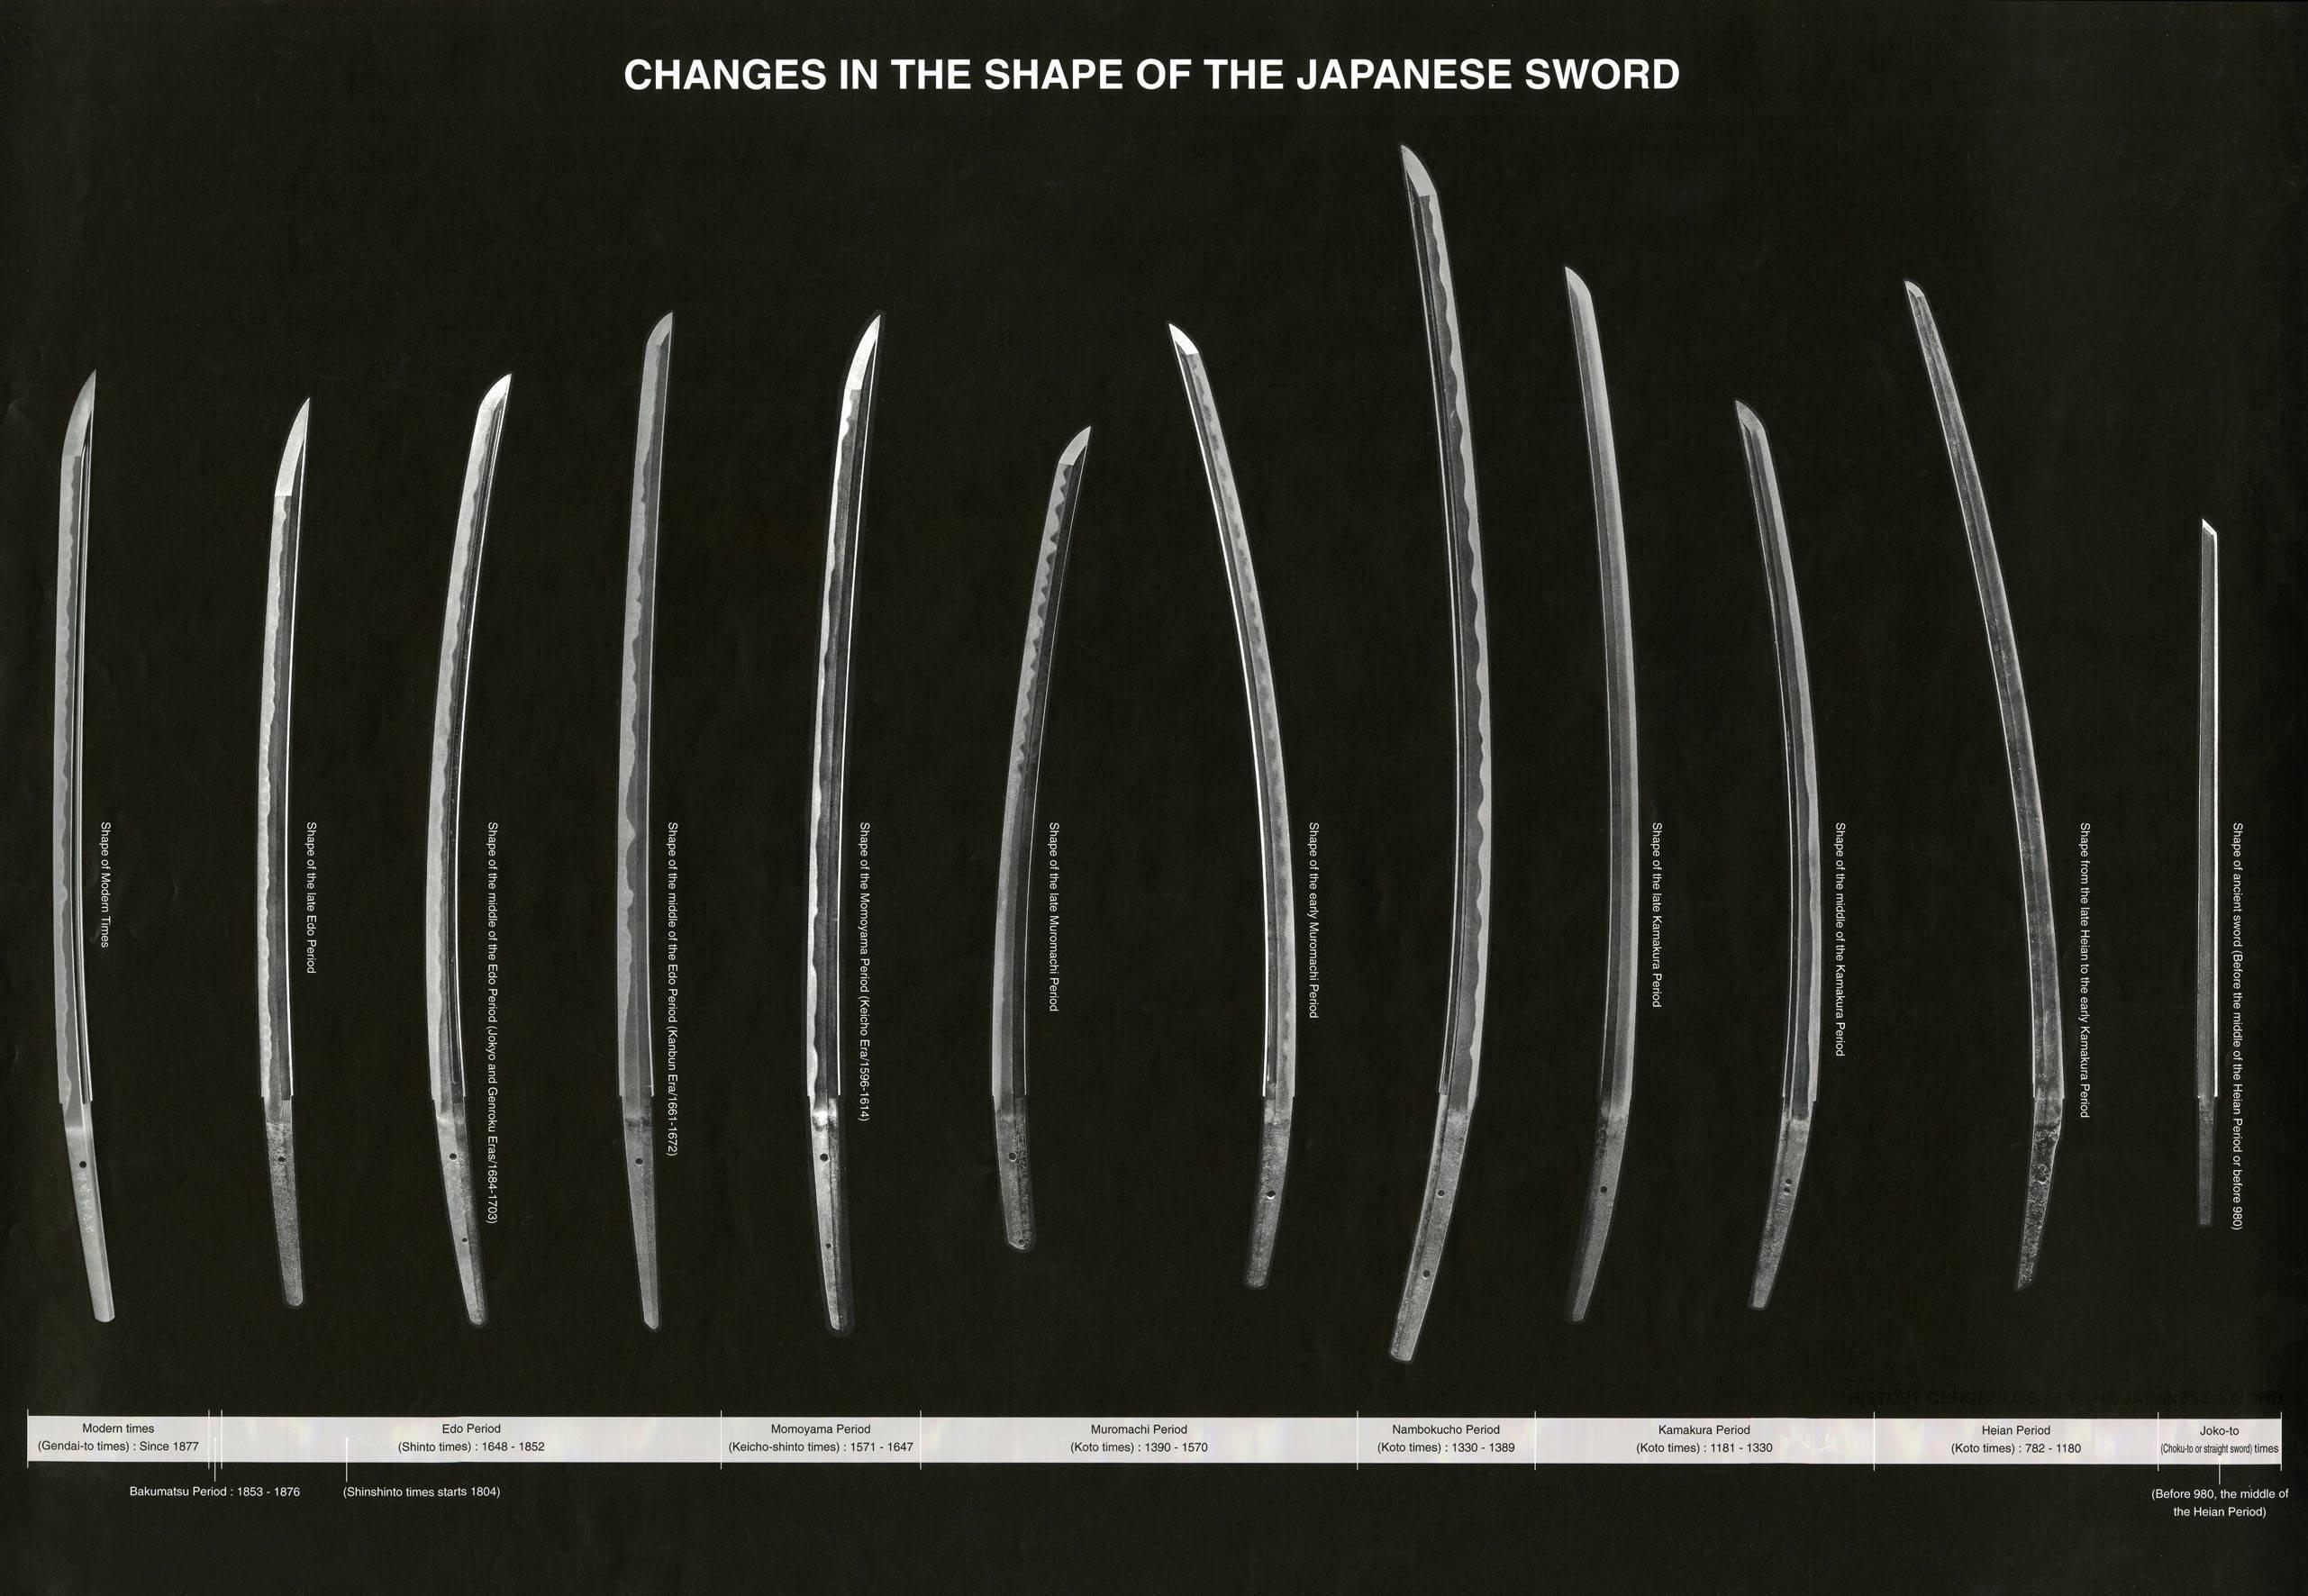 Εξέλιξη των Ιαπωνικών σπαθιών